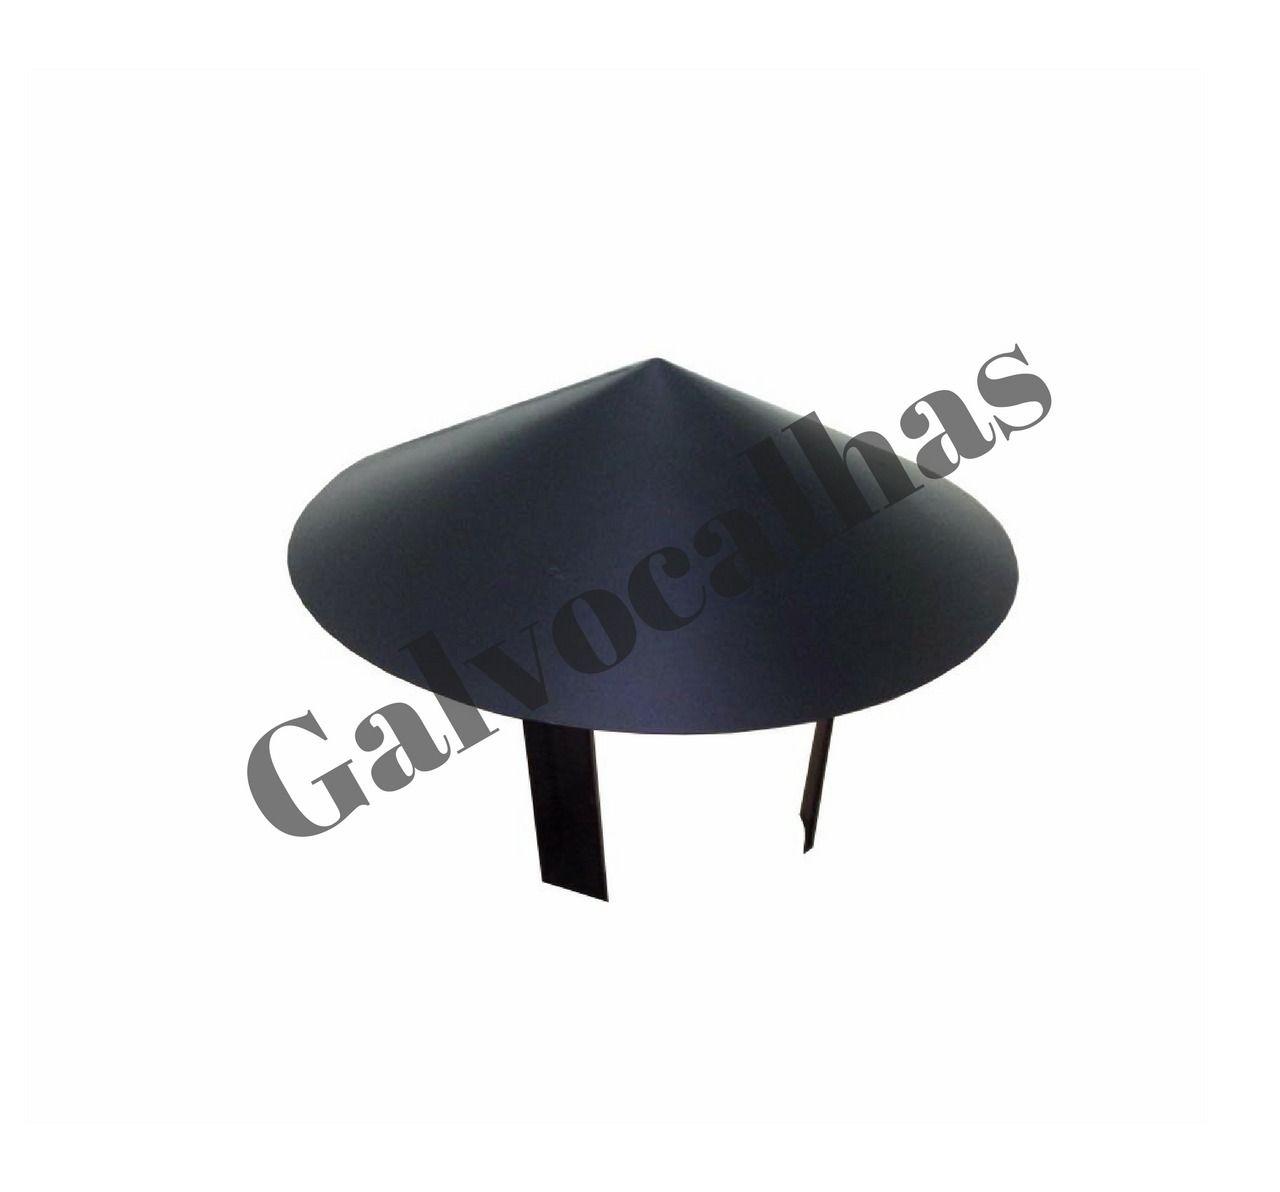 3 metros de duto preto para chaminé com chapéu - Vários diâmetros - Consulte-nos!  - Galvocalhas